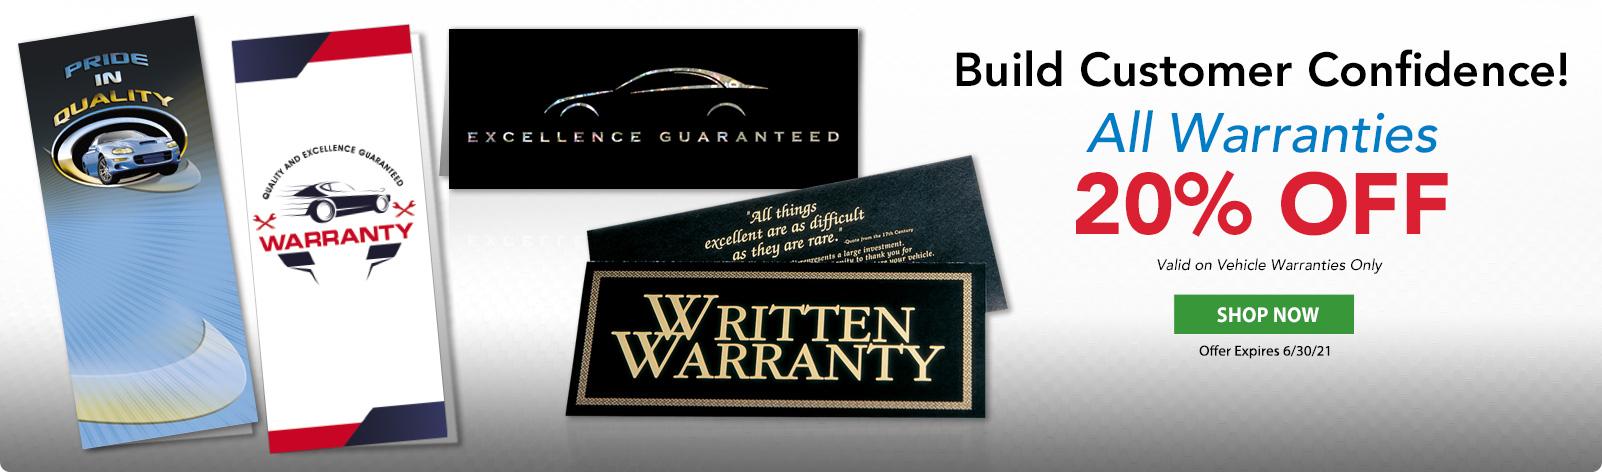 20% OFF All Vehicle Warranties!